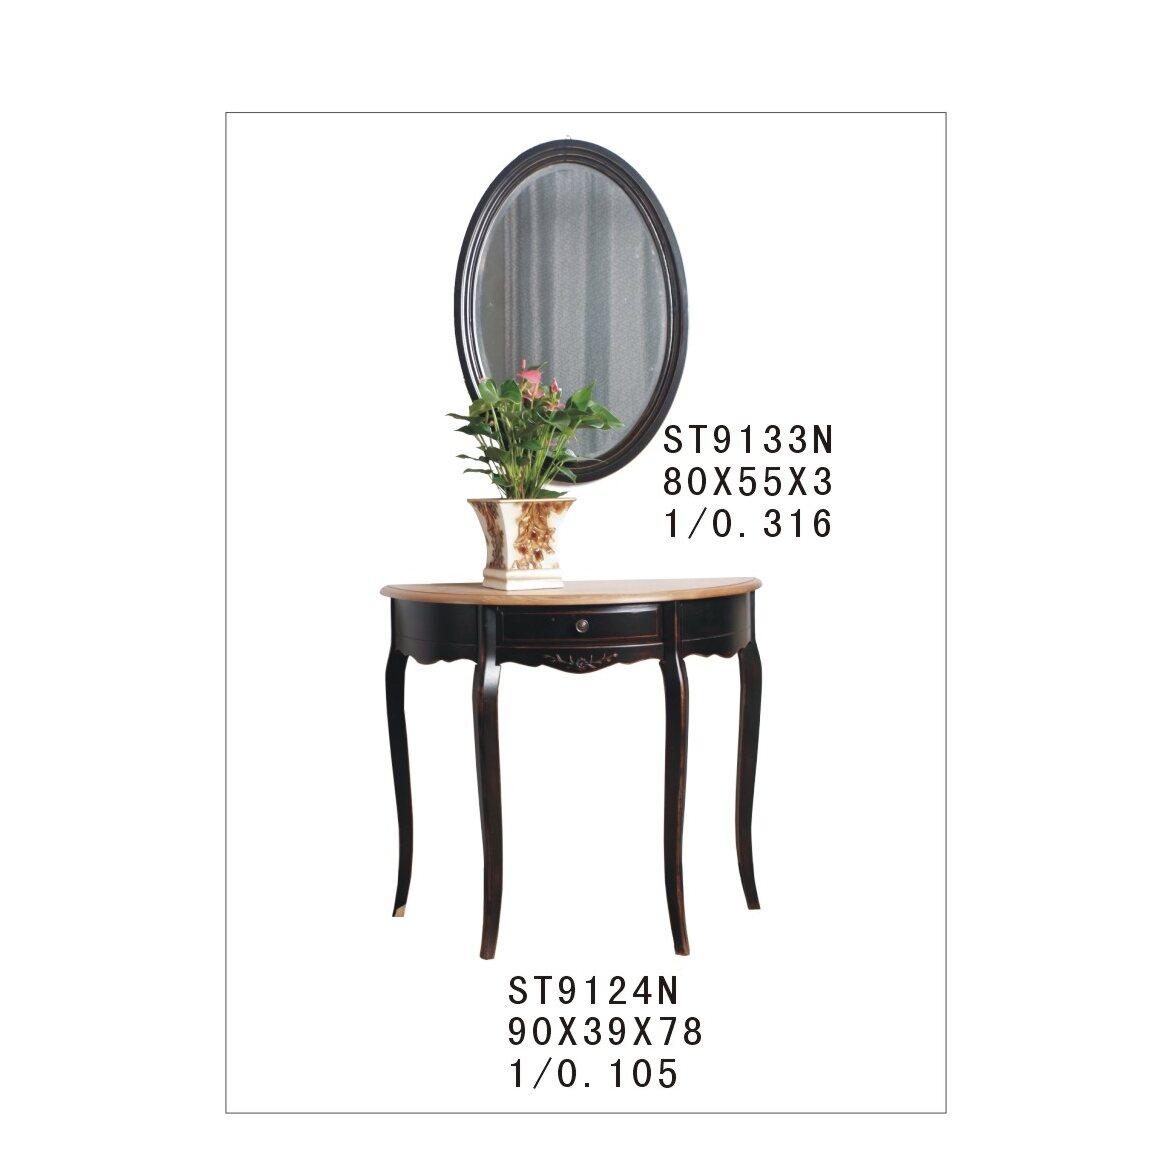 Овальная консоль (без зеркала) Leontina, черного цвета 4 | Консоли Kingsby